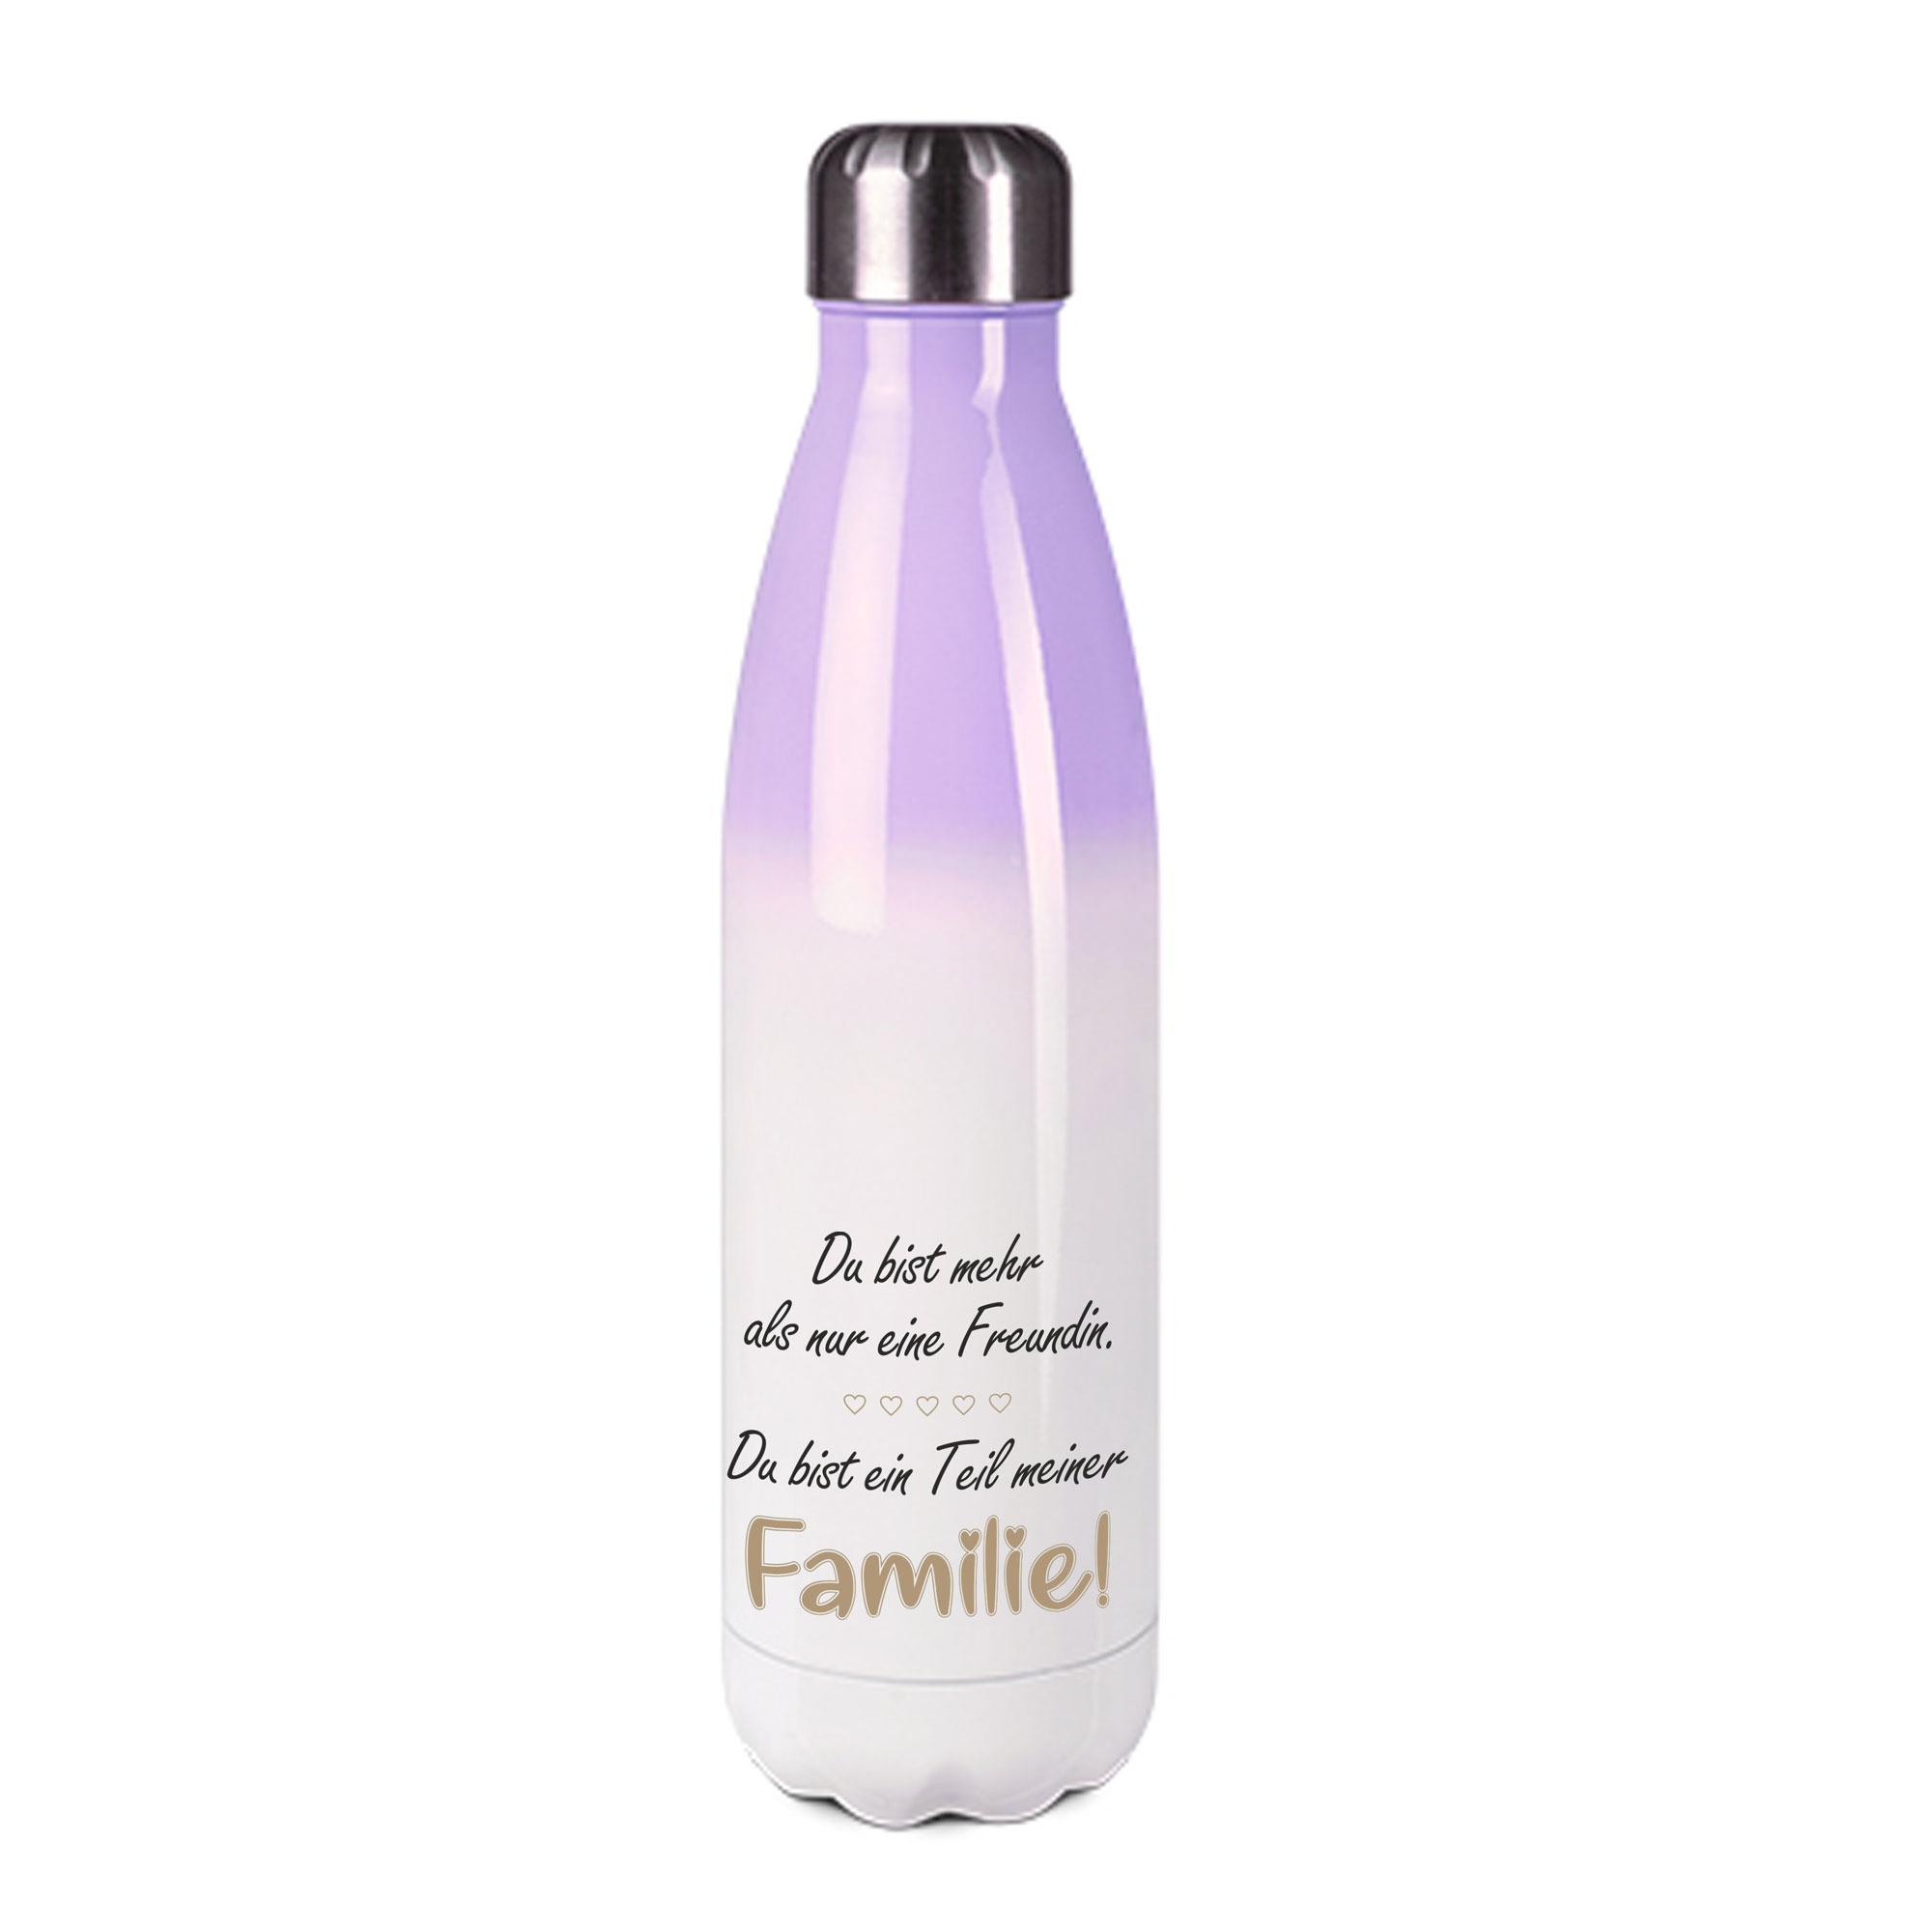 Edelstahl-Thermosflasche purple/weiß mit Druck: DU BIST MEHR ALS NUR EINE FREUNDIN DU BIST EIN TEIL MEINER FAMILIE